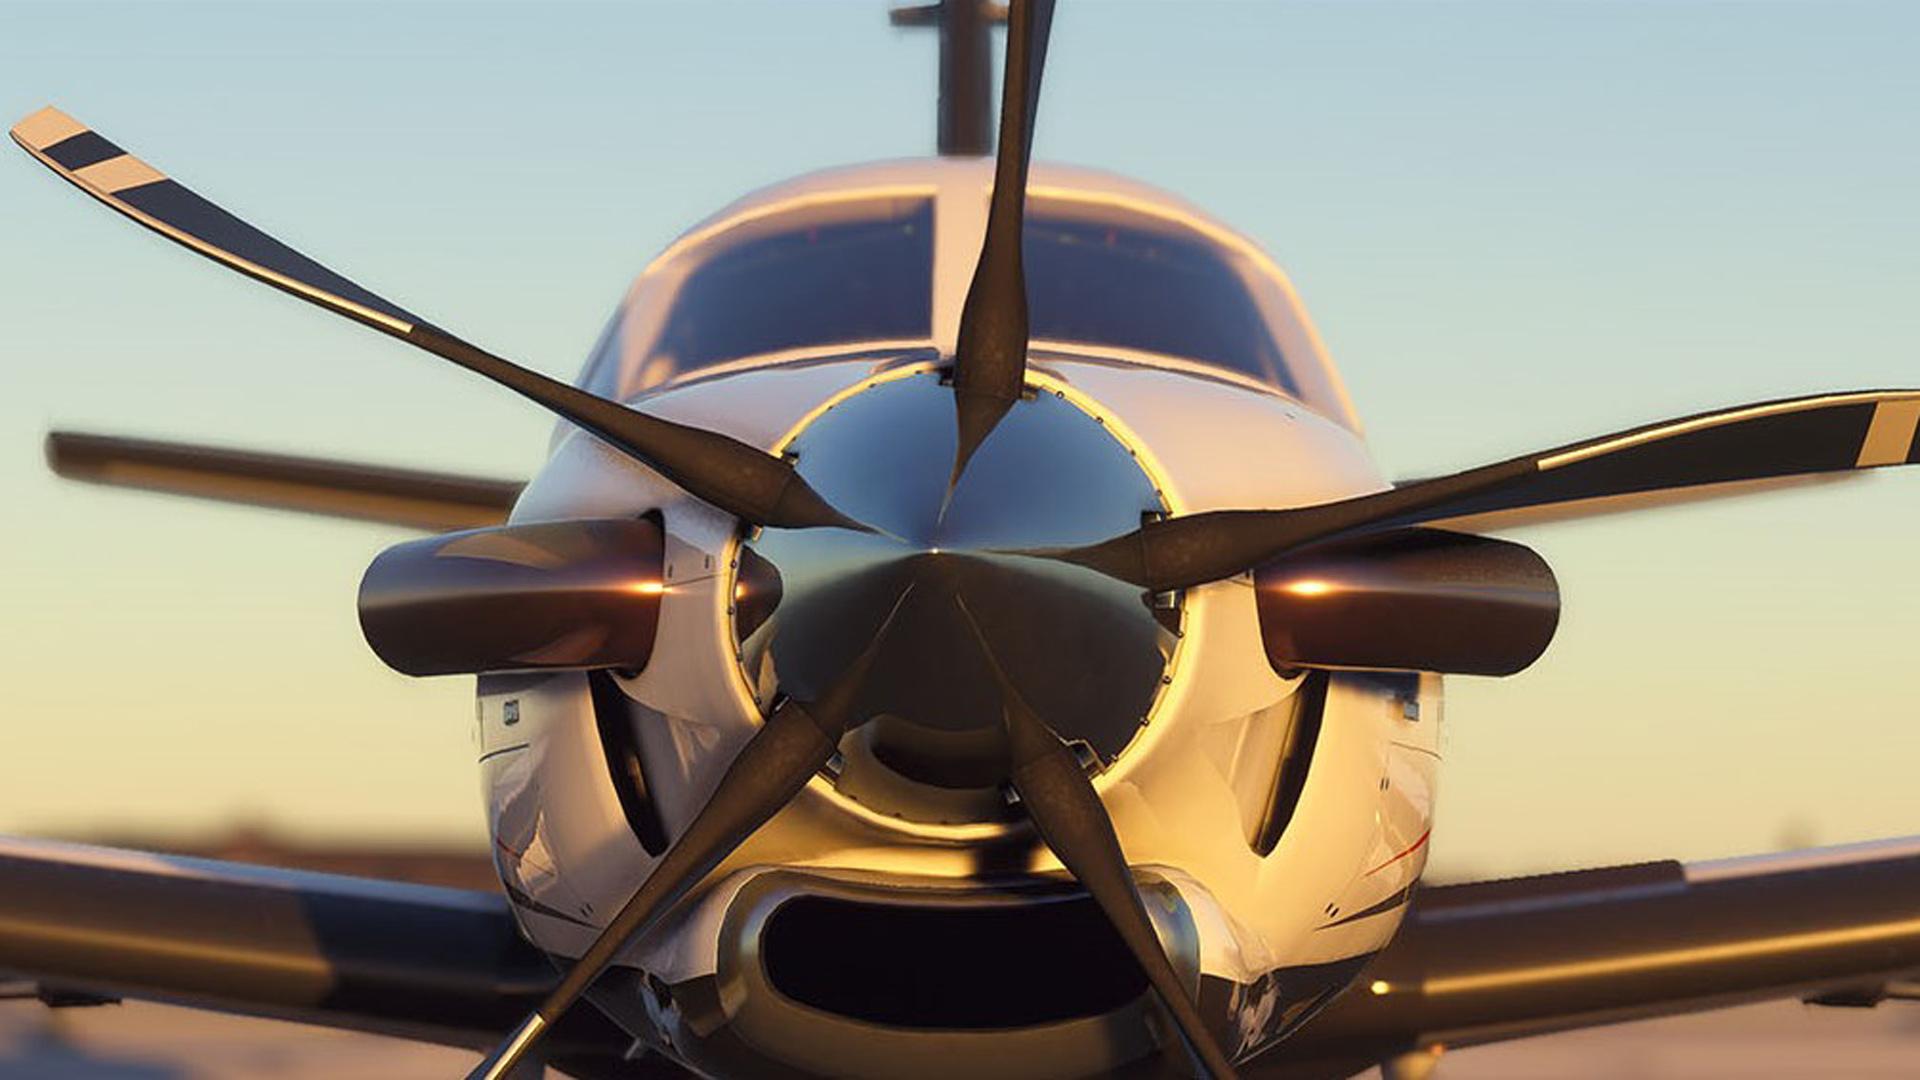 《微软飞行模拟器》12月22日开始支持SteamVR头显